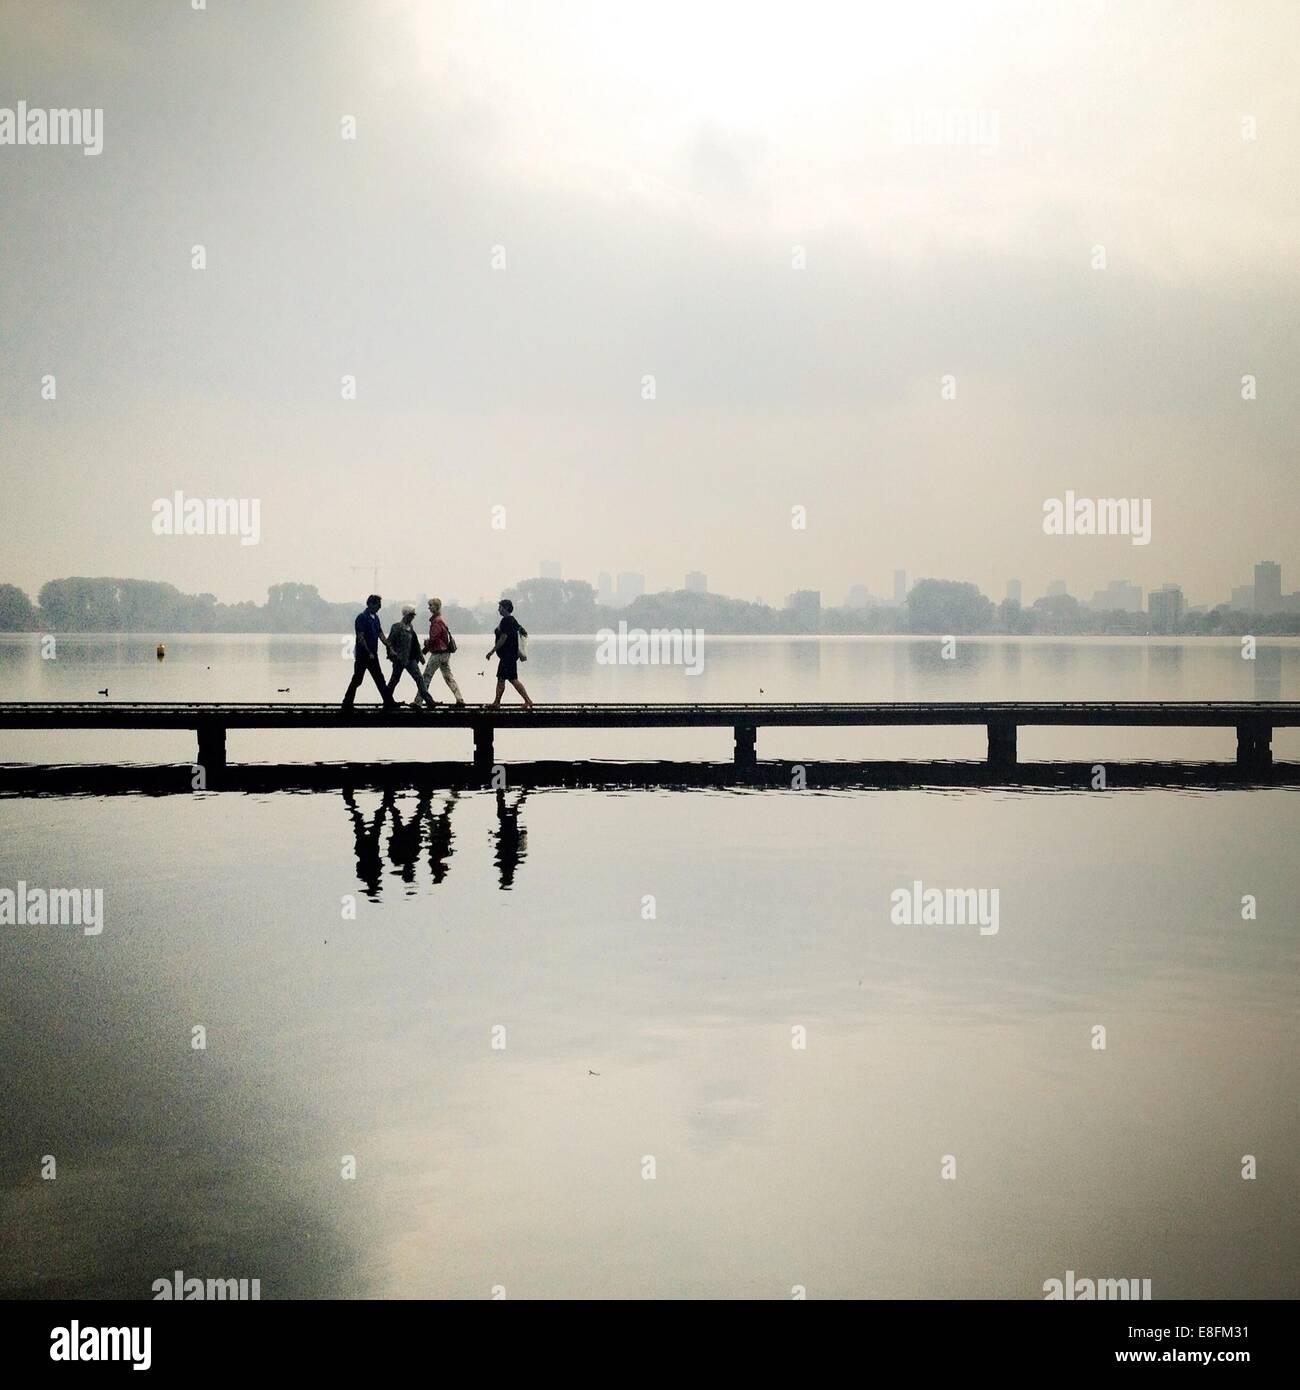 Nederland, Rotterdam, Kralingse Plas, People crossing footbridge - Stock Image